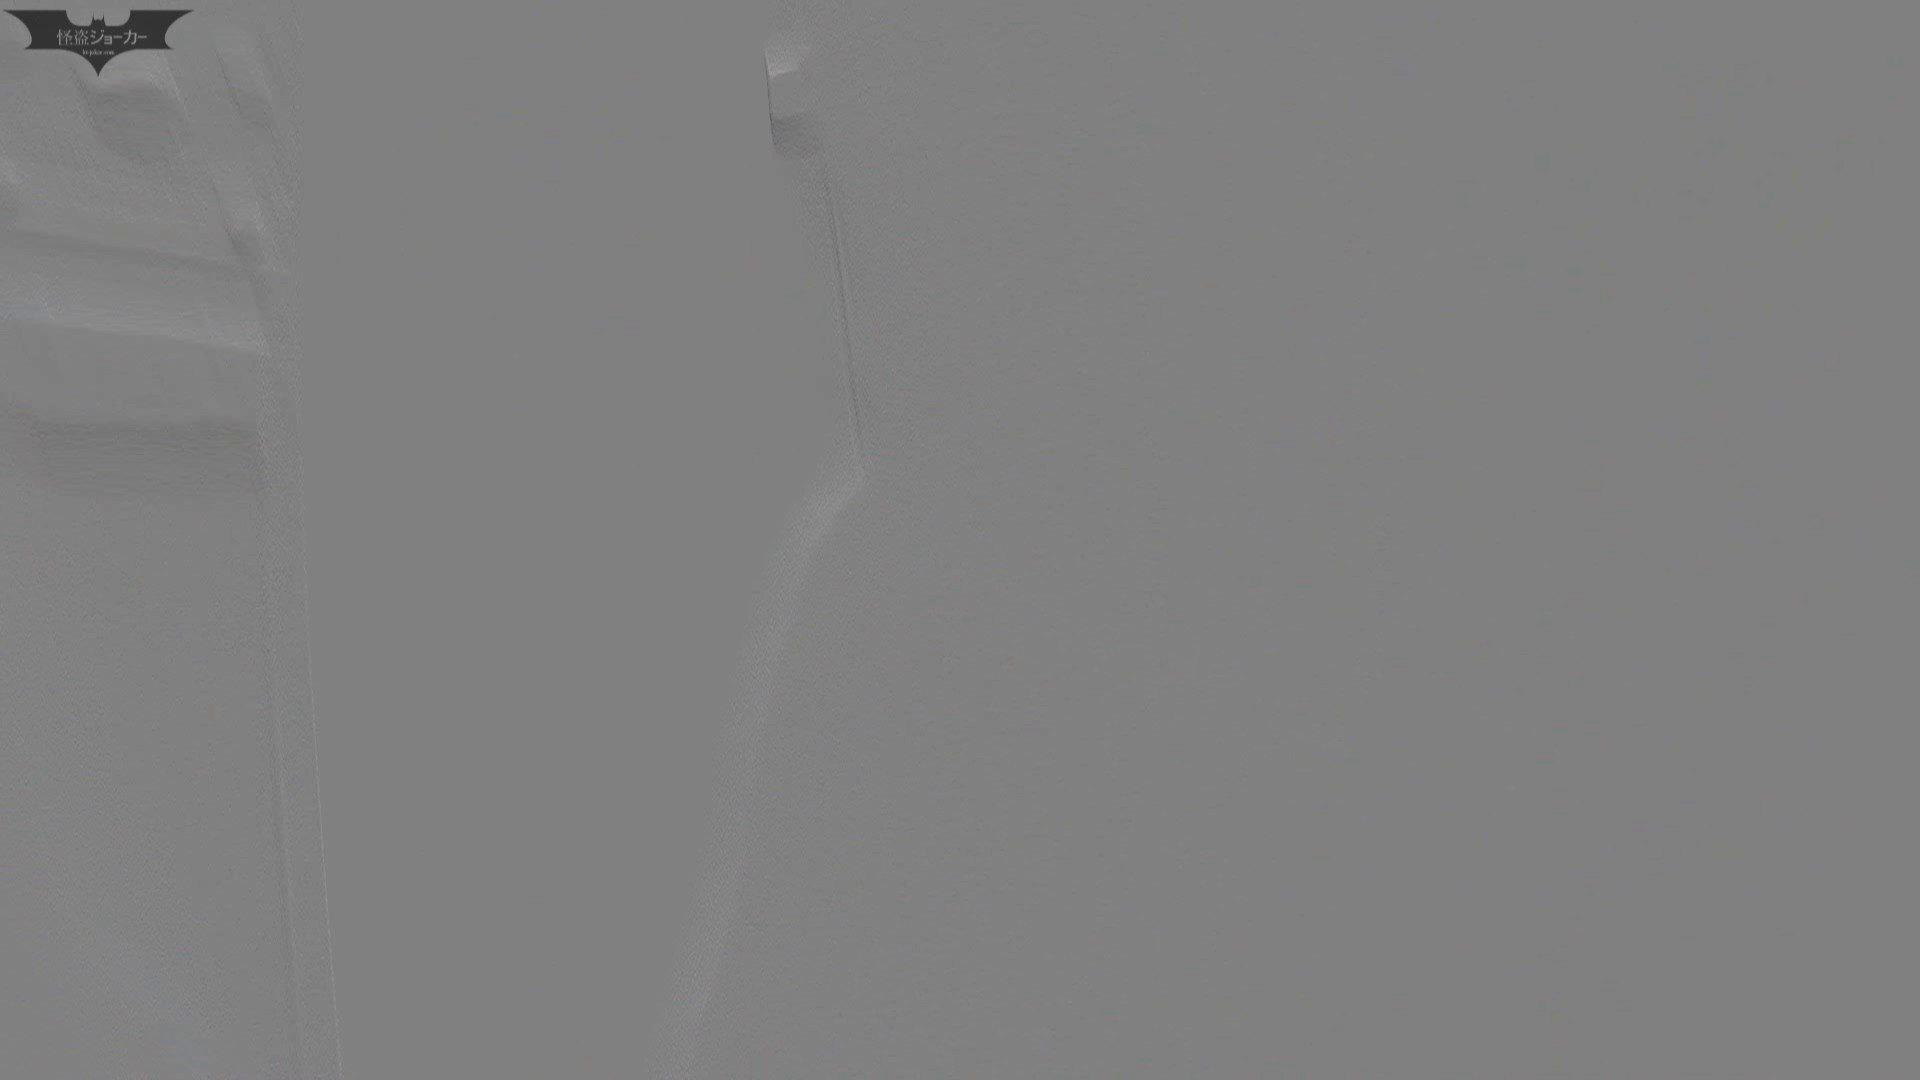 下からノゾム vol.019 美JとBスはあそこも違う!! OLの実態 | 0  100pic 11